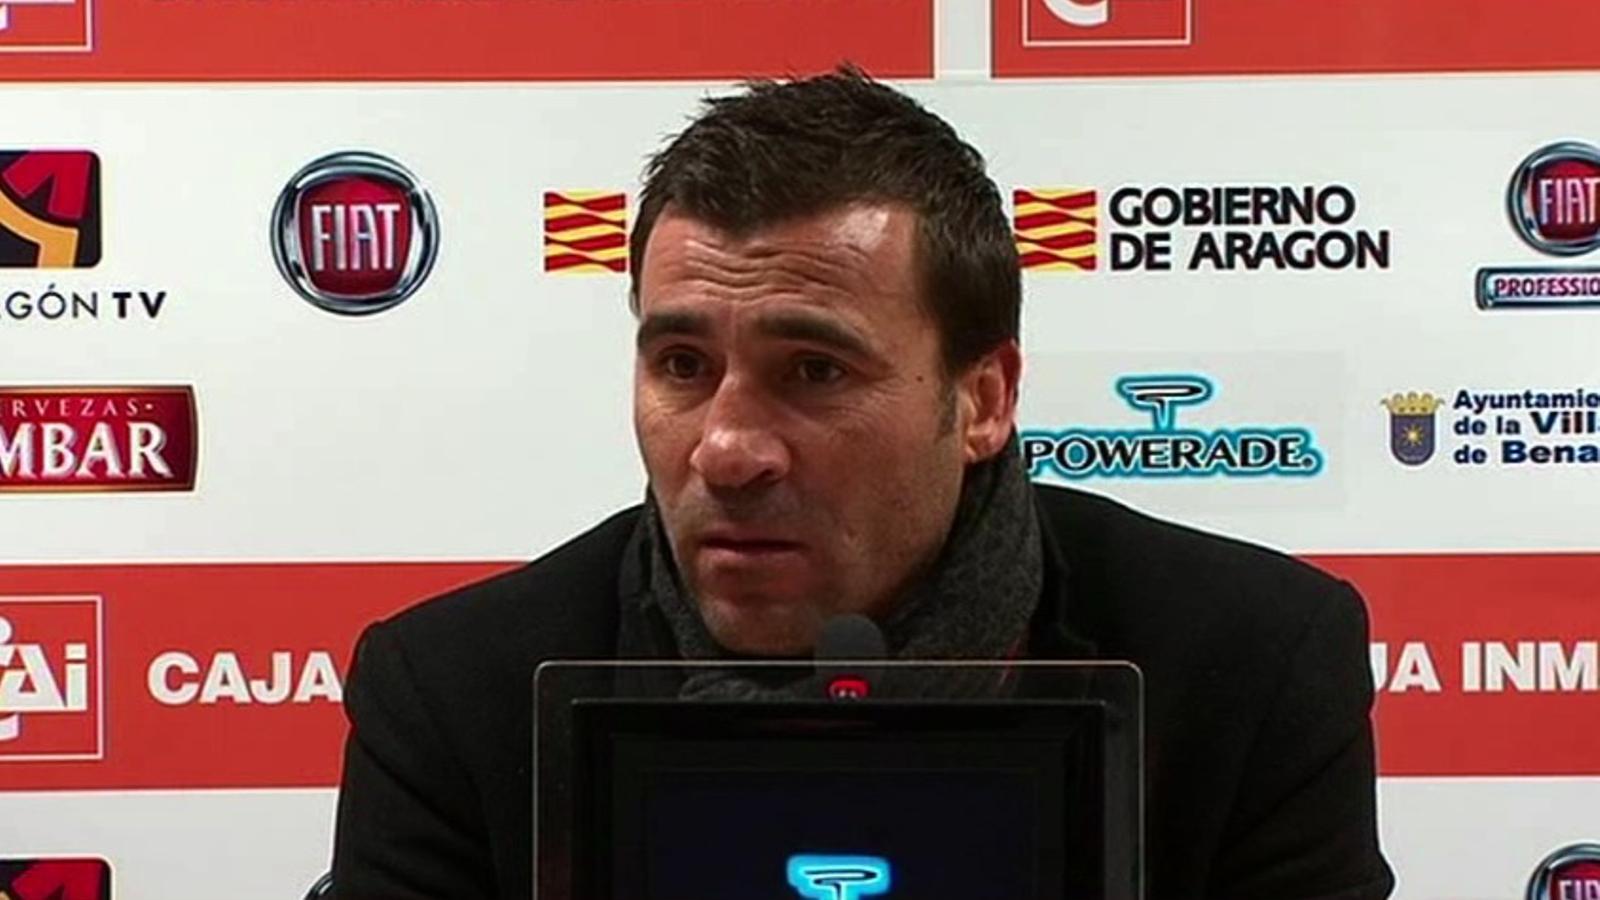 Raül Agné abandona la roda de premsa perquè no el deixen respondre en català